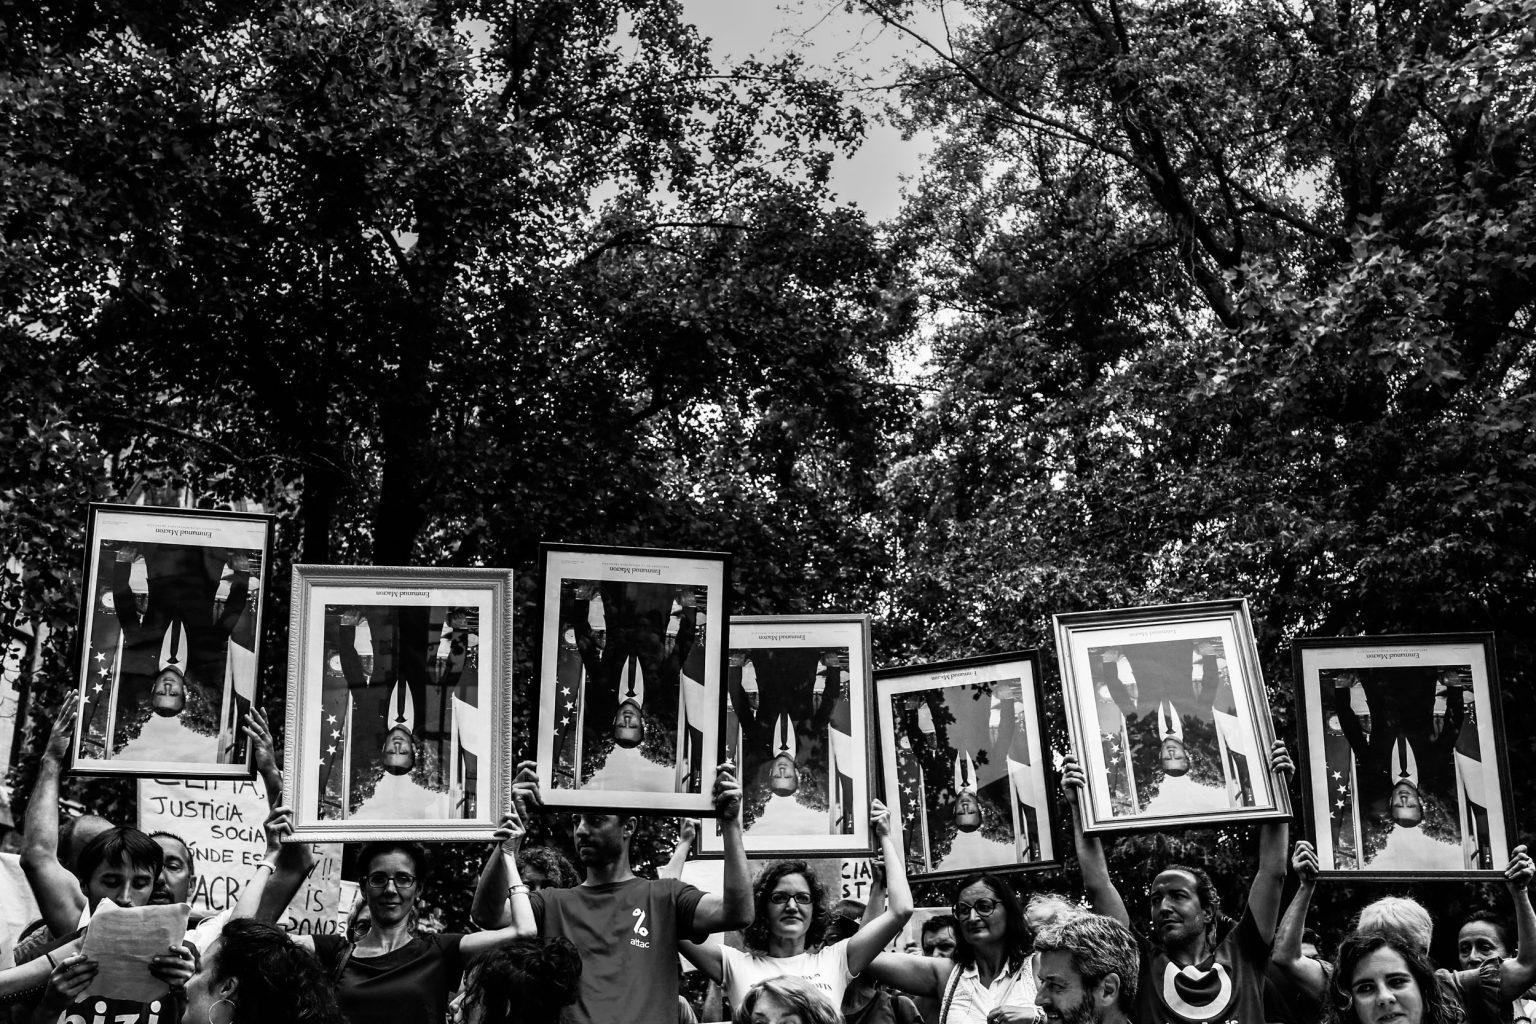 Bayonne, le 25 Août 2019, Marche des portraits d'Emmanuel Macron dans Bayonne, conférence de presse avec les 7 portraits décrochés dans des mairies.